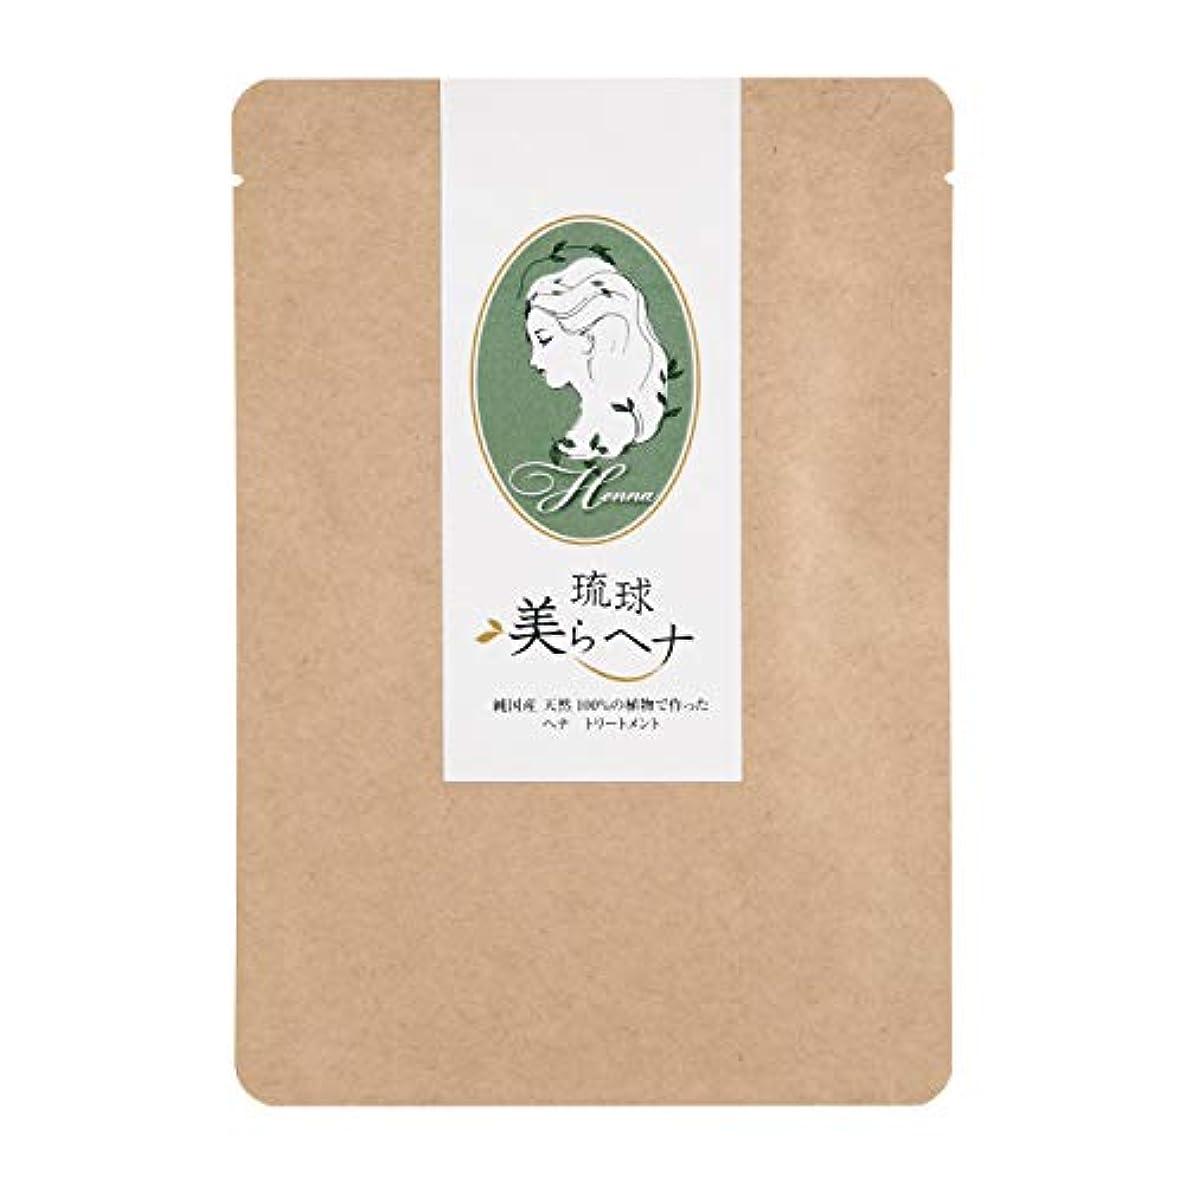 動くセーブ同様に純国産 ヘナ 白髪染め 天然 100% 琉球 美ら (ちゅら) ヘナ 100g